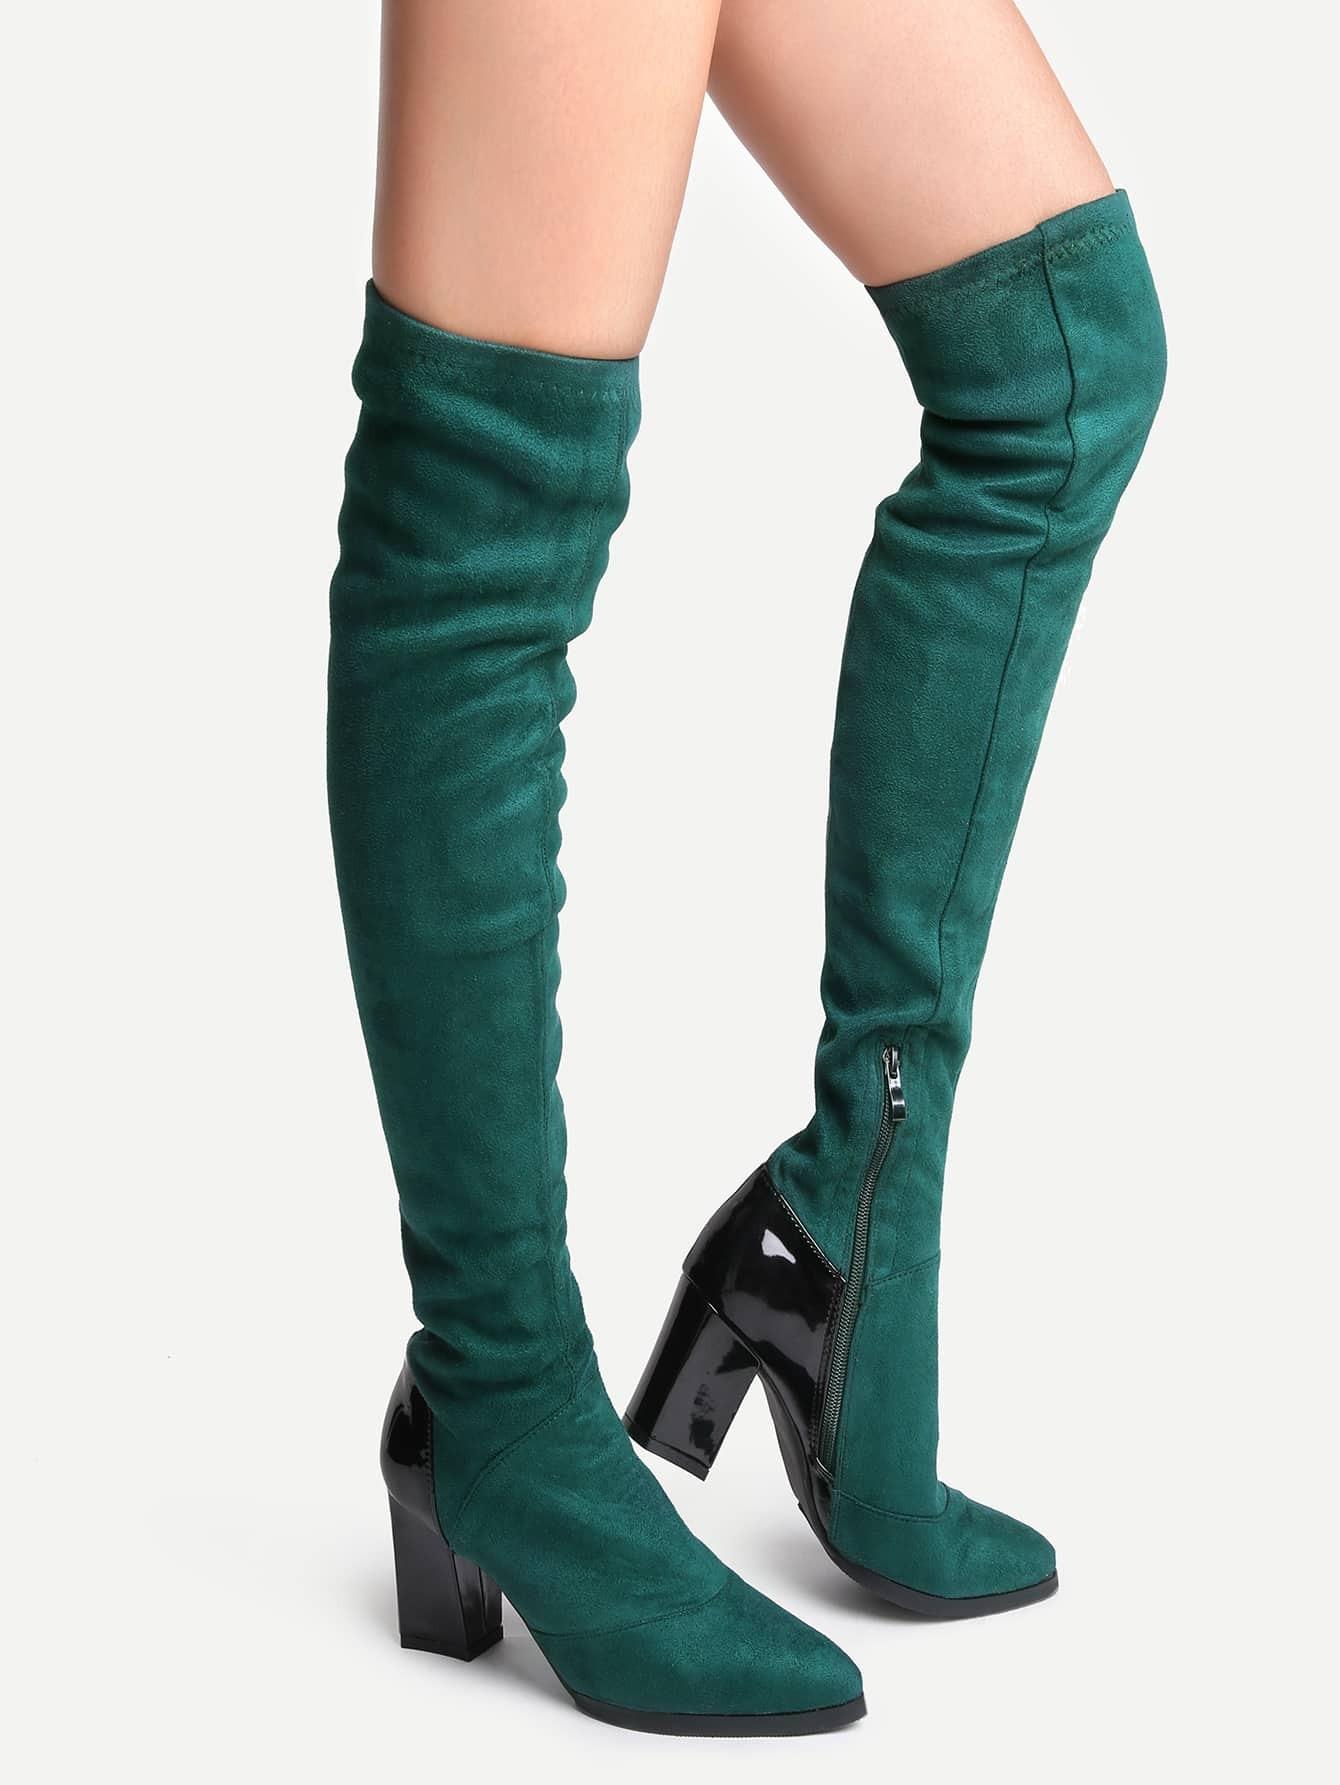 shoes161024803_2